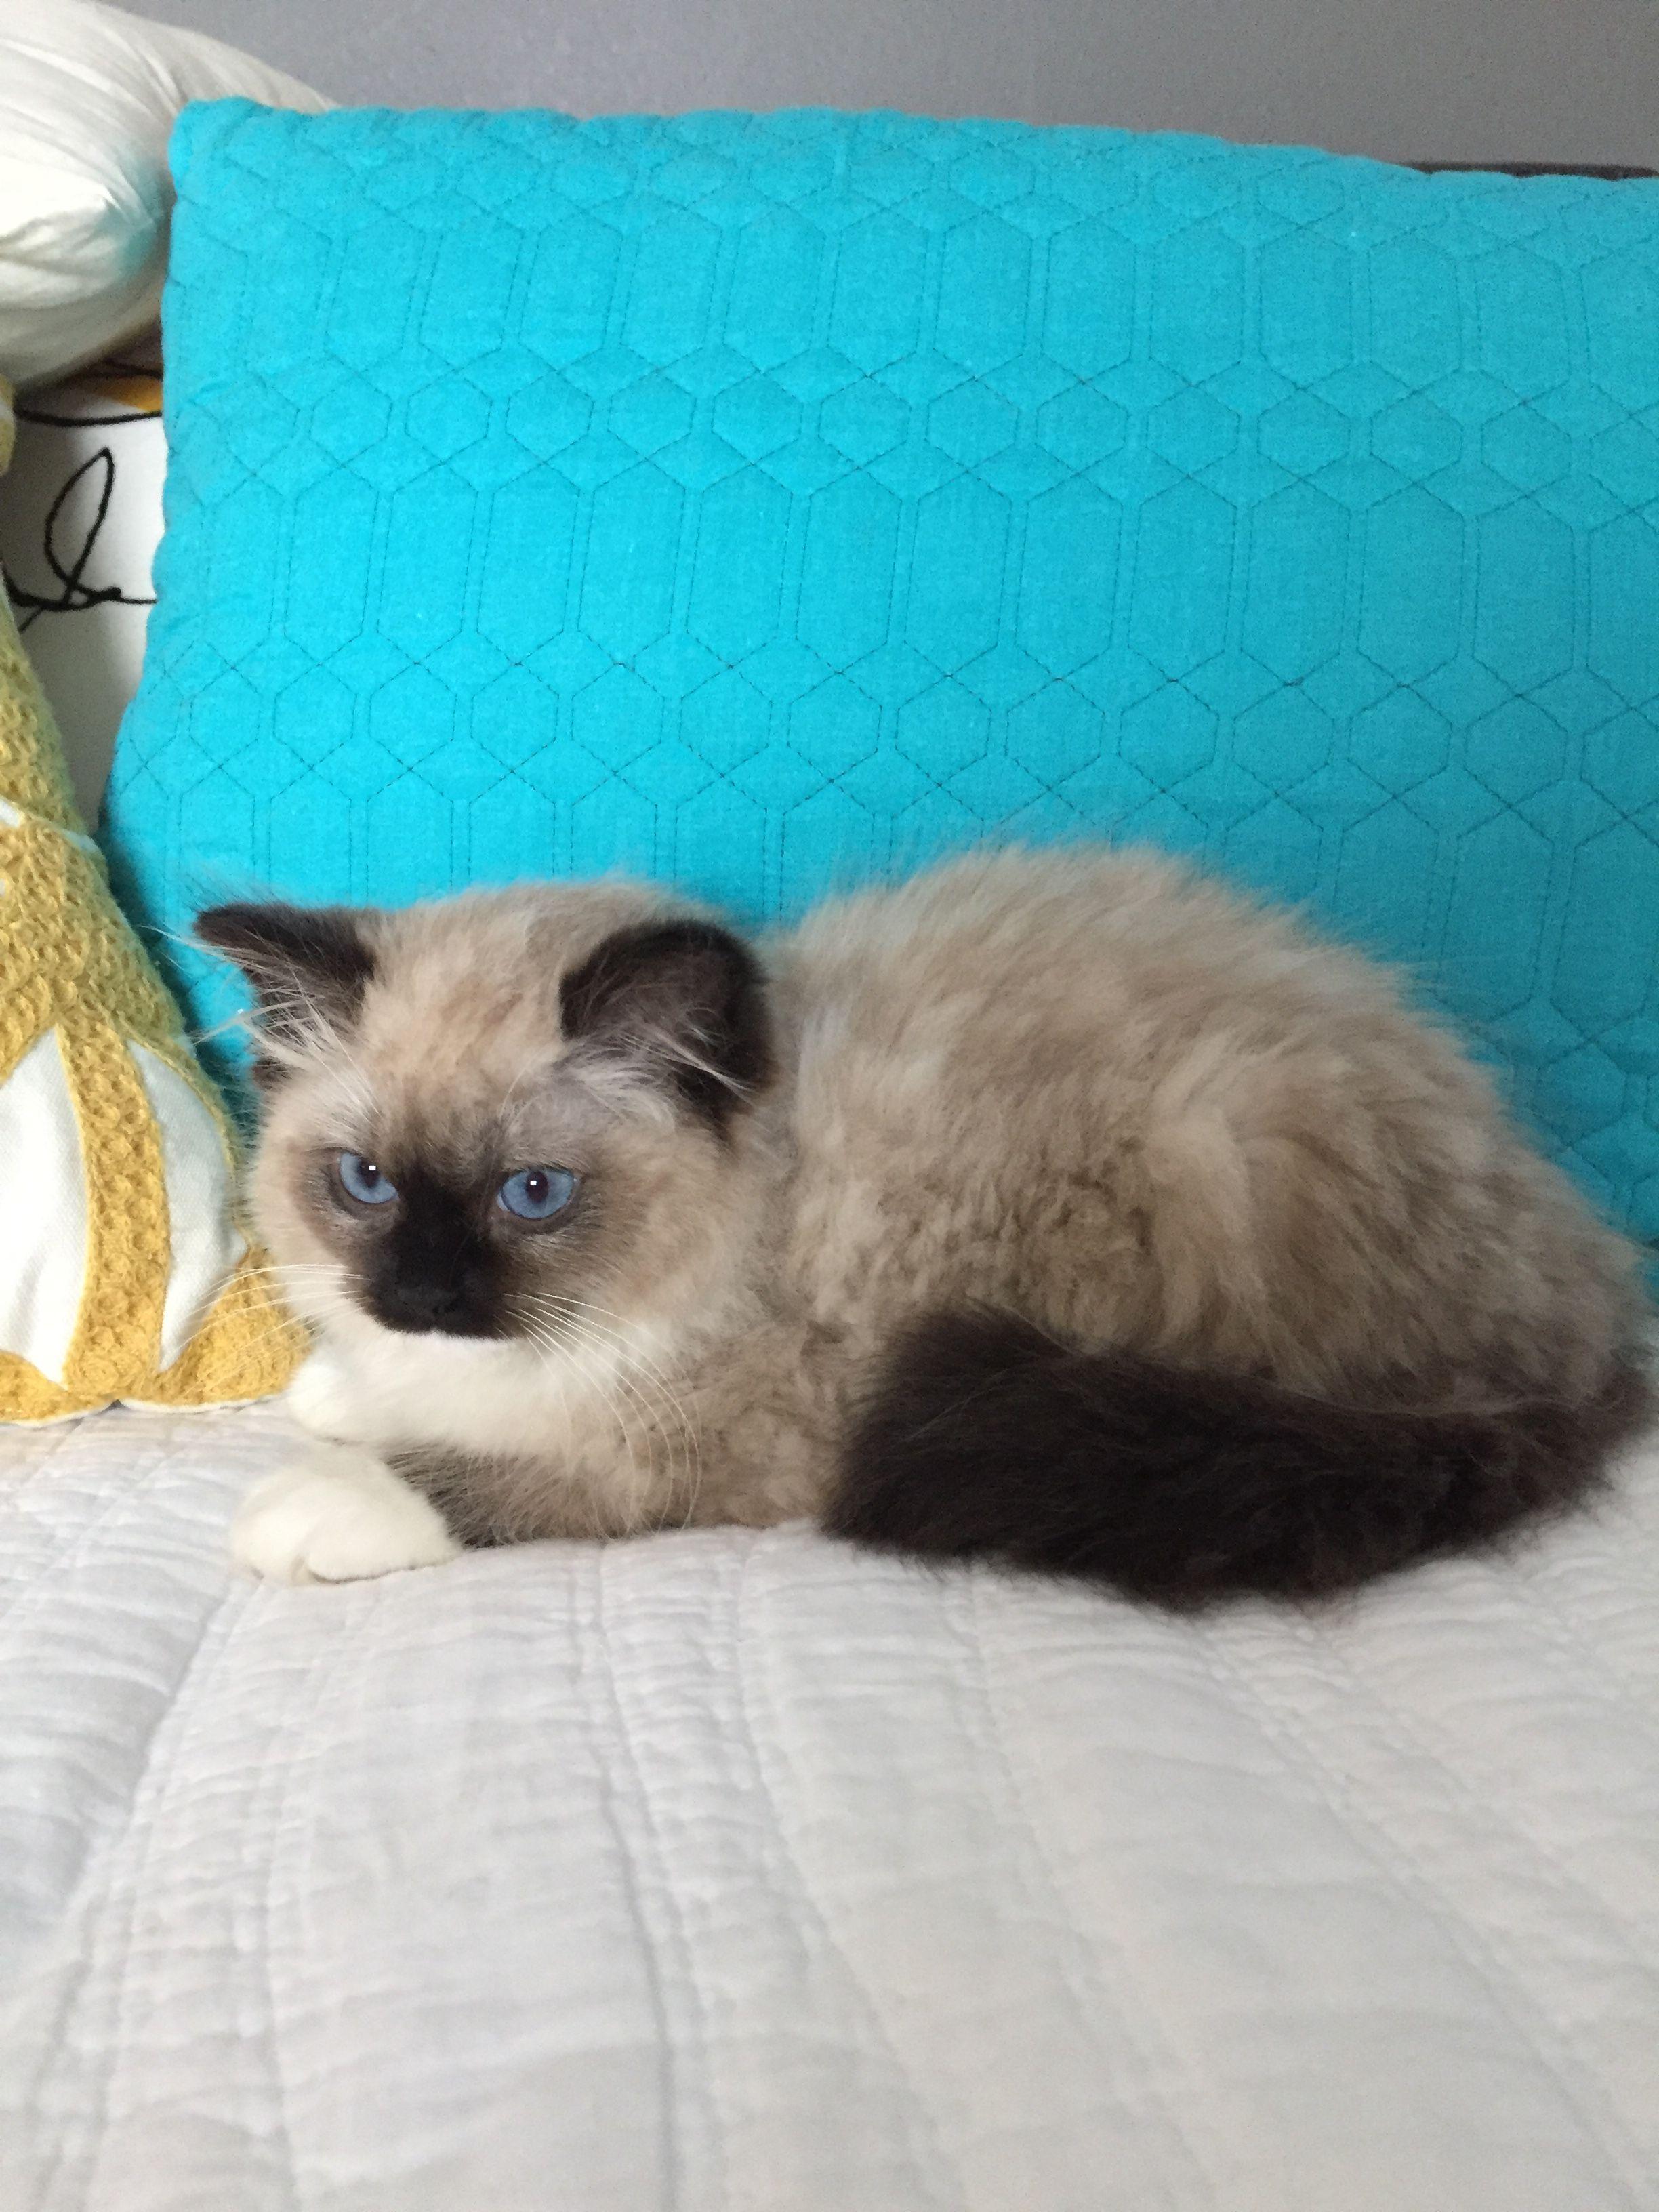 Www Rockinragdolls Com Ragdoll Kittens In Idaho Kittens Ragdoll Kitten Ragdoll Cat